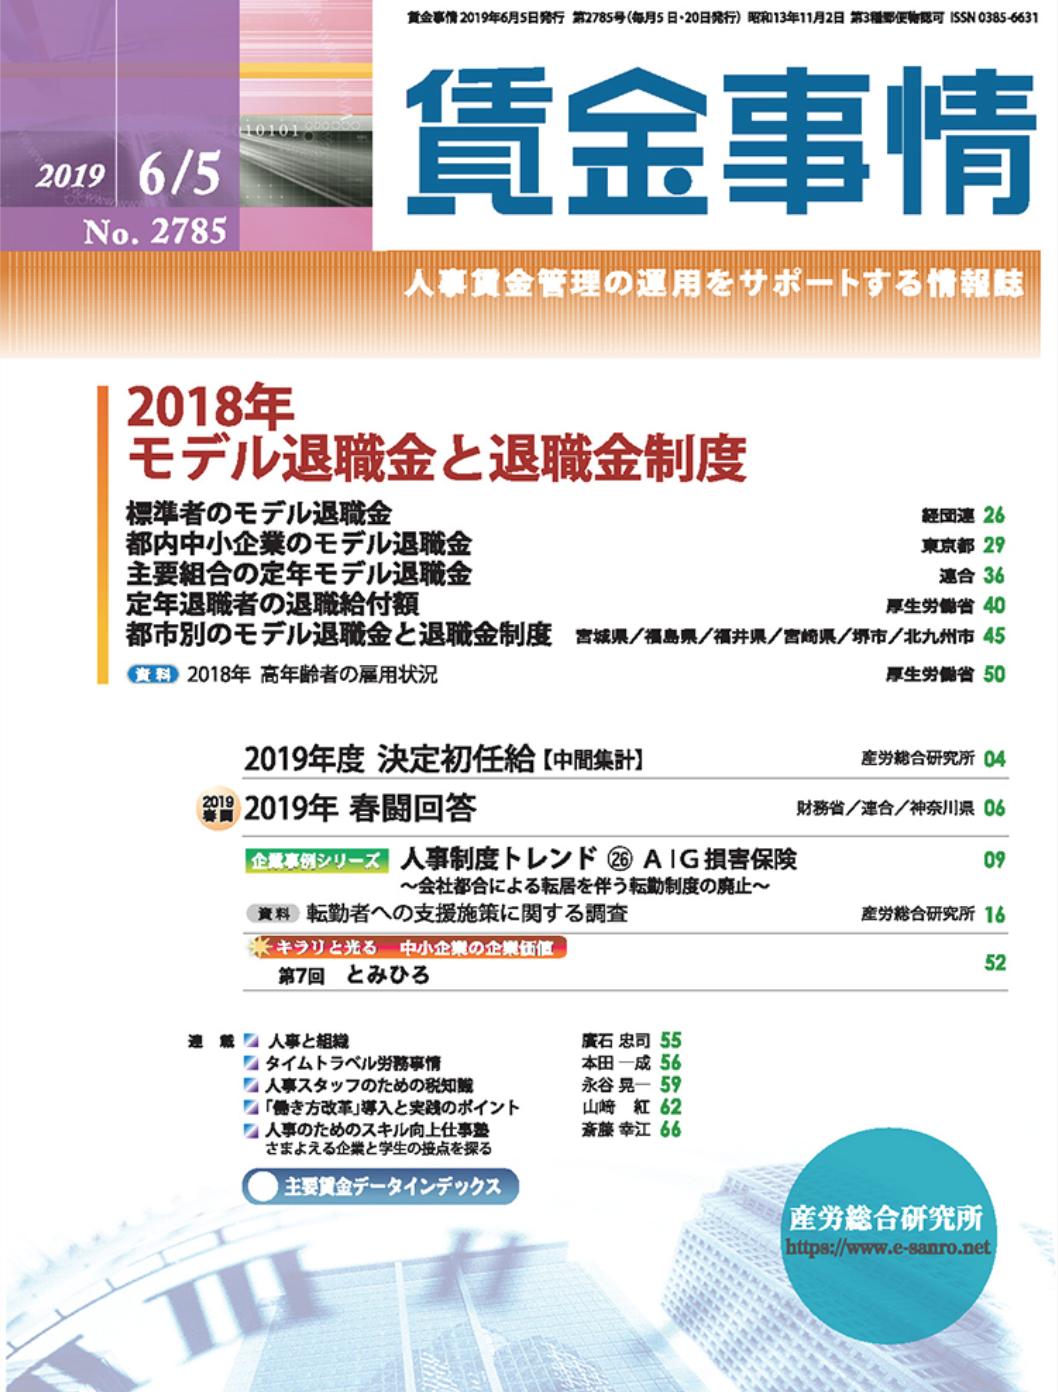 スクリーンショット 2019-06-07 14.10.56.png